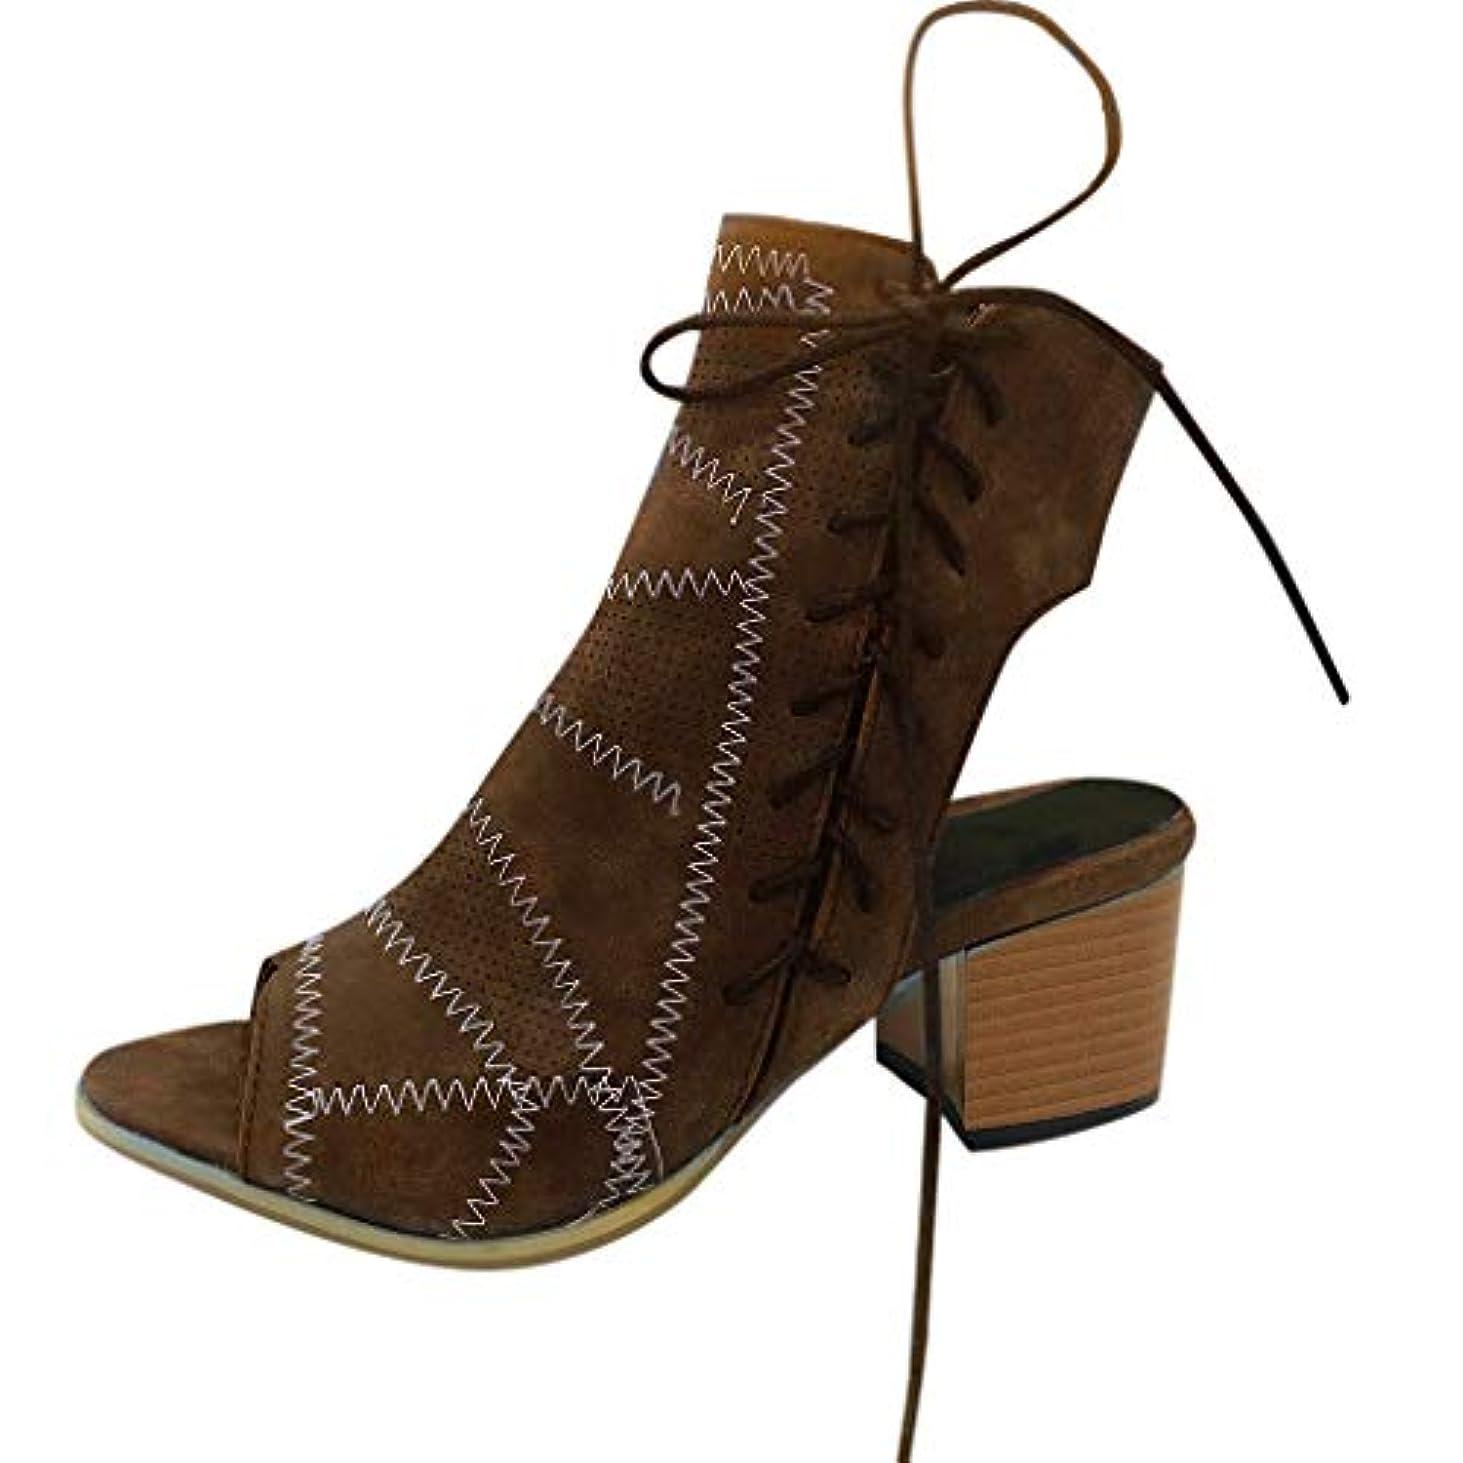 凶暴な高める死にかけているKauneus Fashion Shoes SHIRT ボーイズ